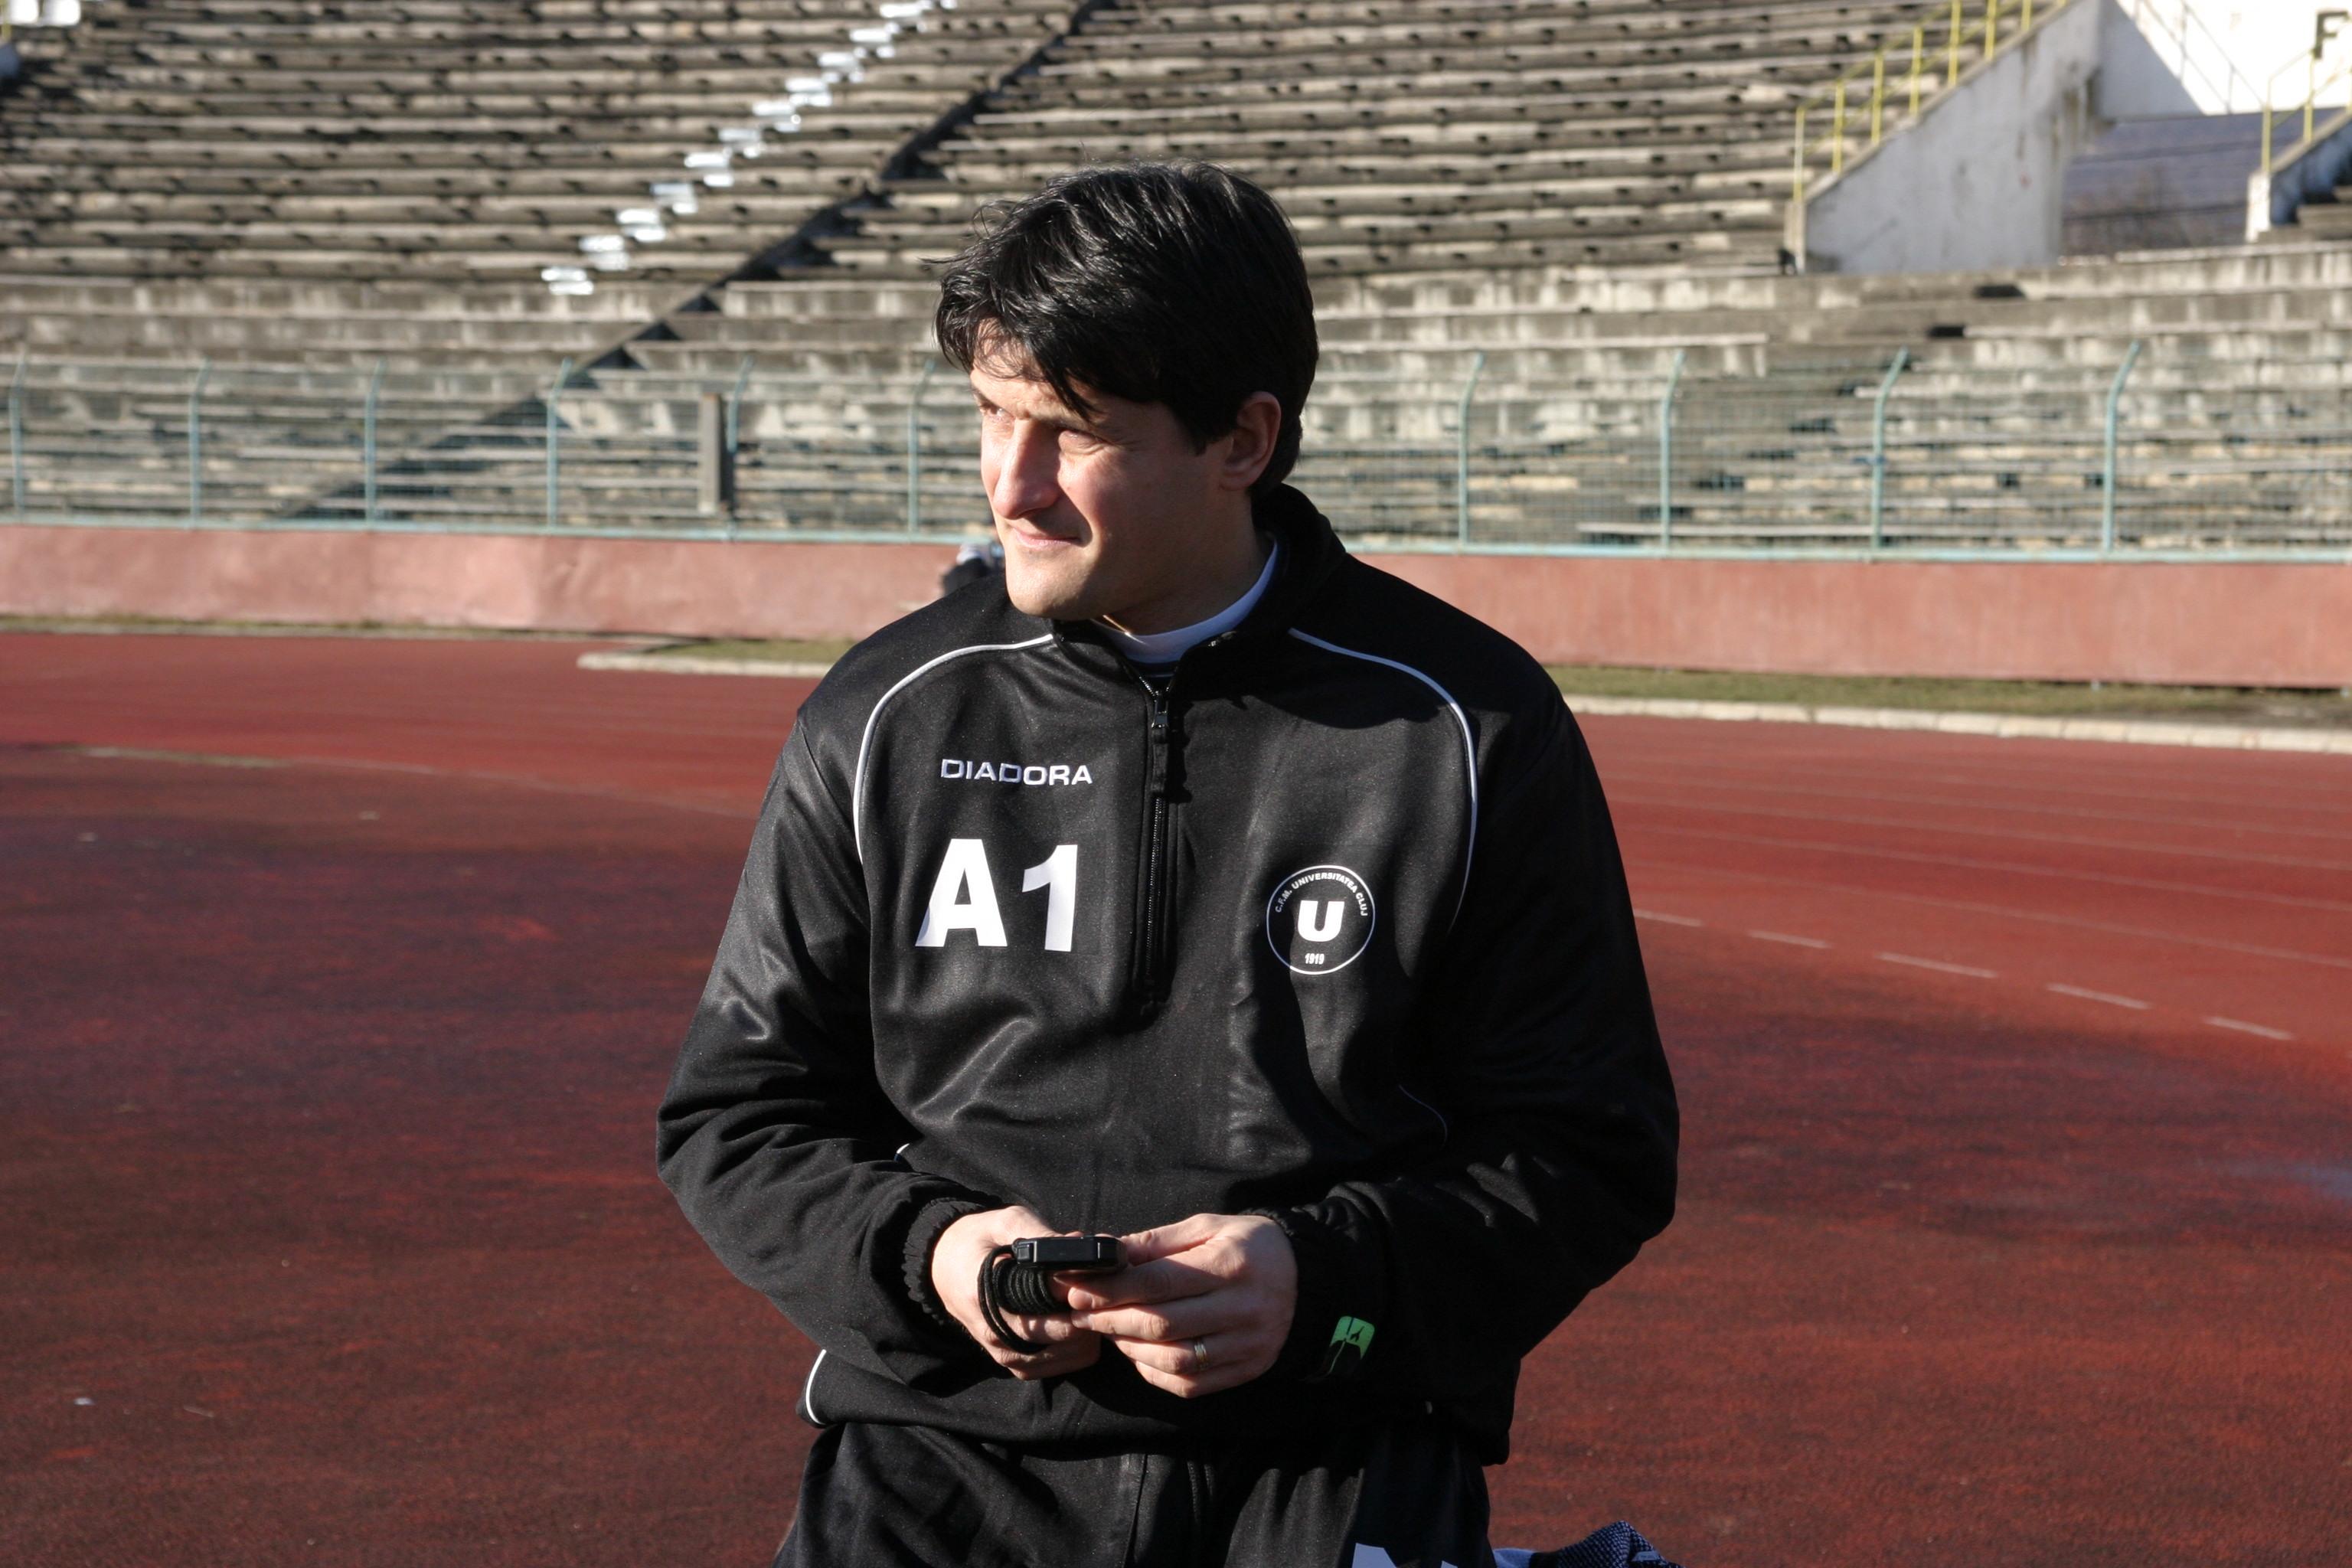 """Fost jucător și antrenor al Universității Cluj,   Adrian Falub (foto) este convins că atât """"U"""" cât și CFR vor fi precaute în derby-ul de duminică seară/ FOTO Dan Bodea"""